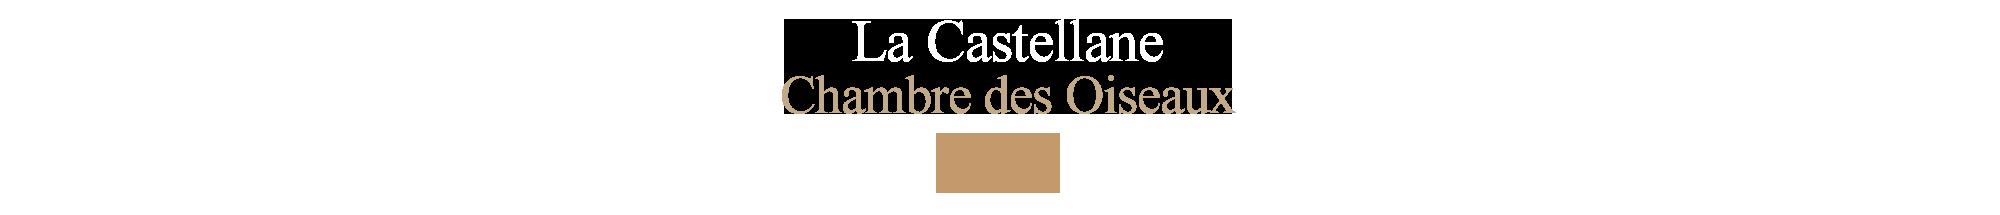 Chambre-des-oiseaux-la-Castellane